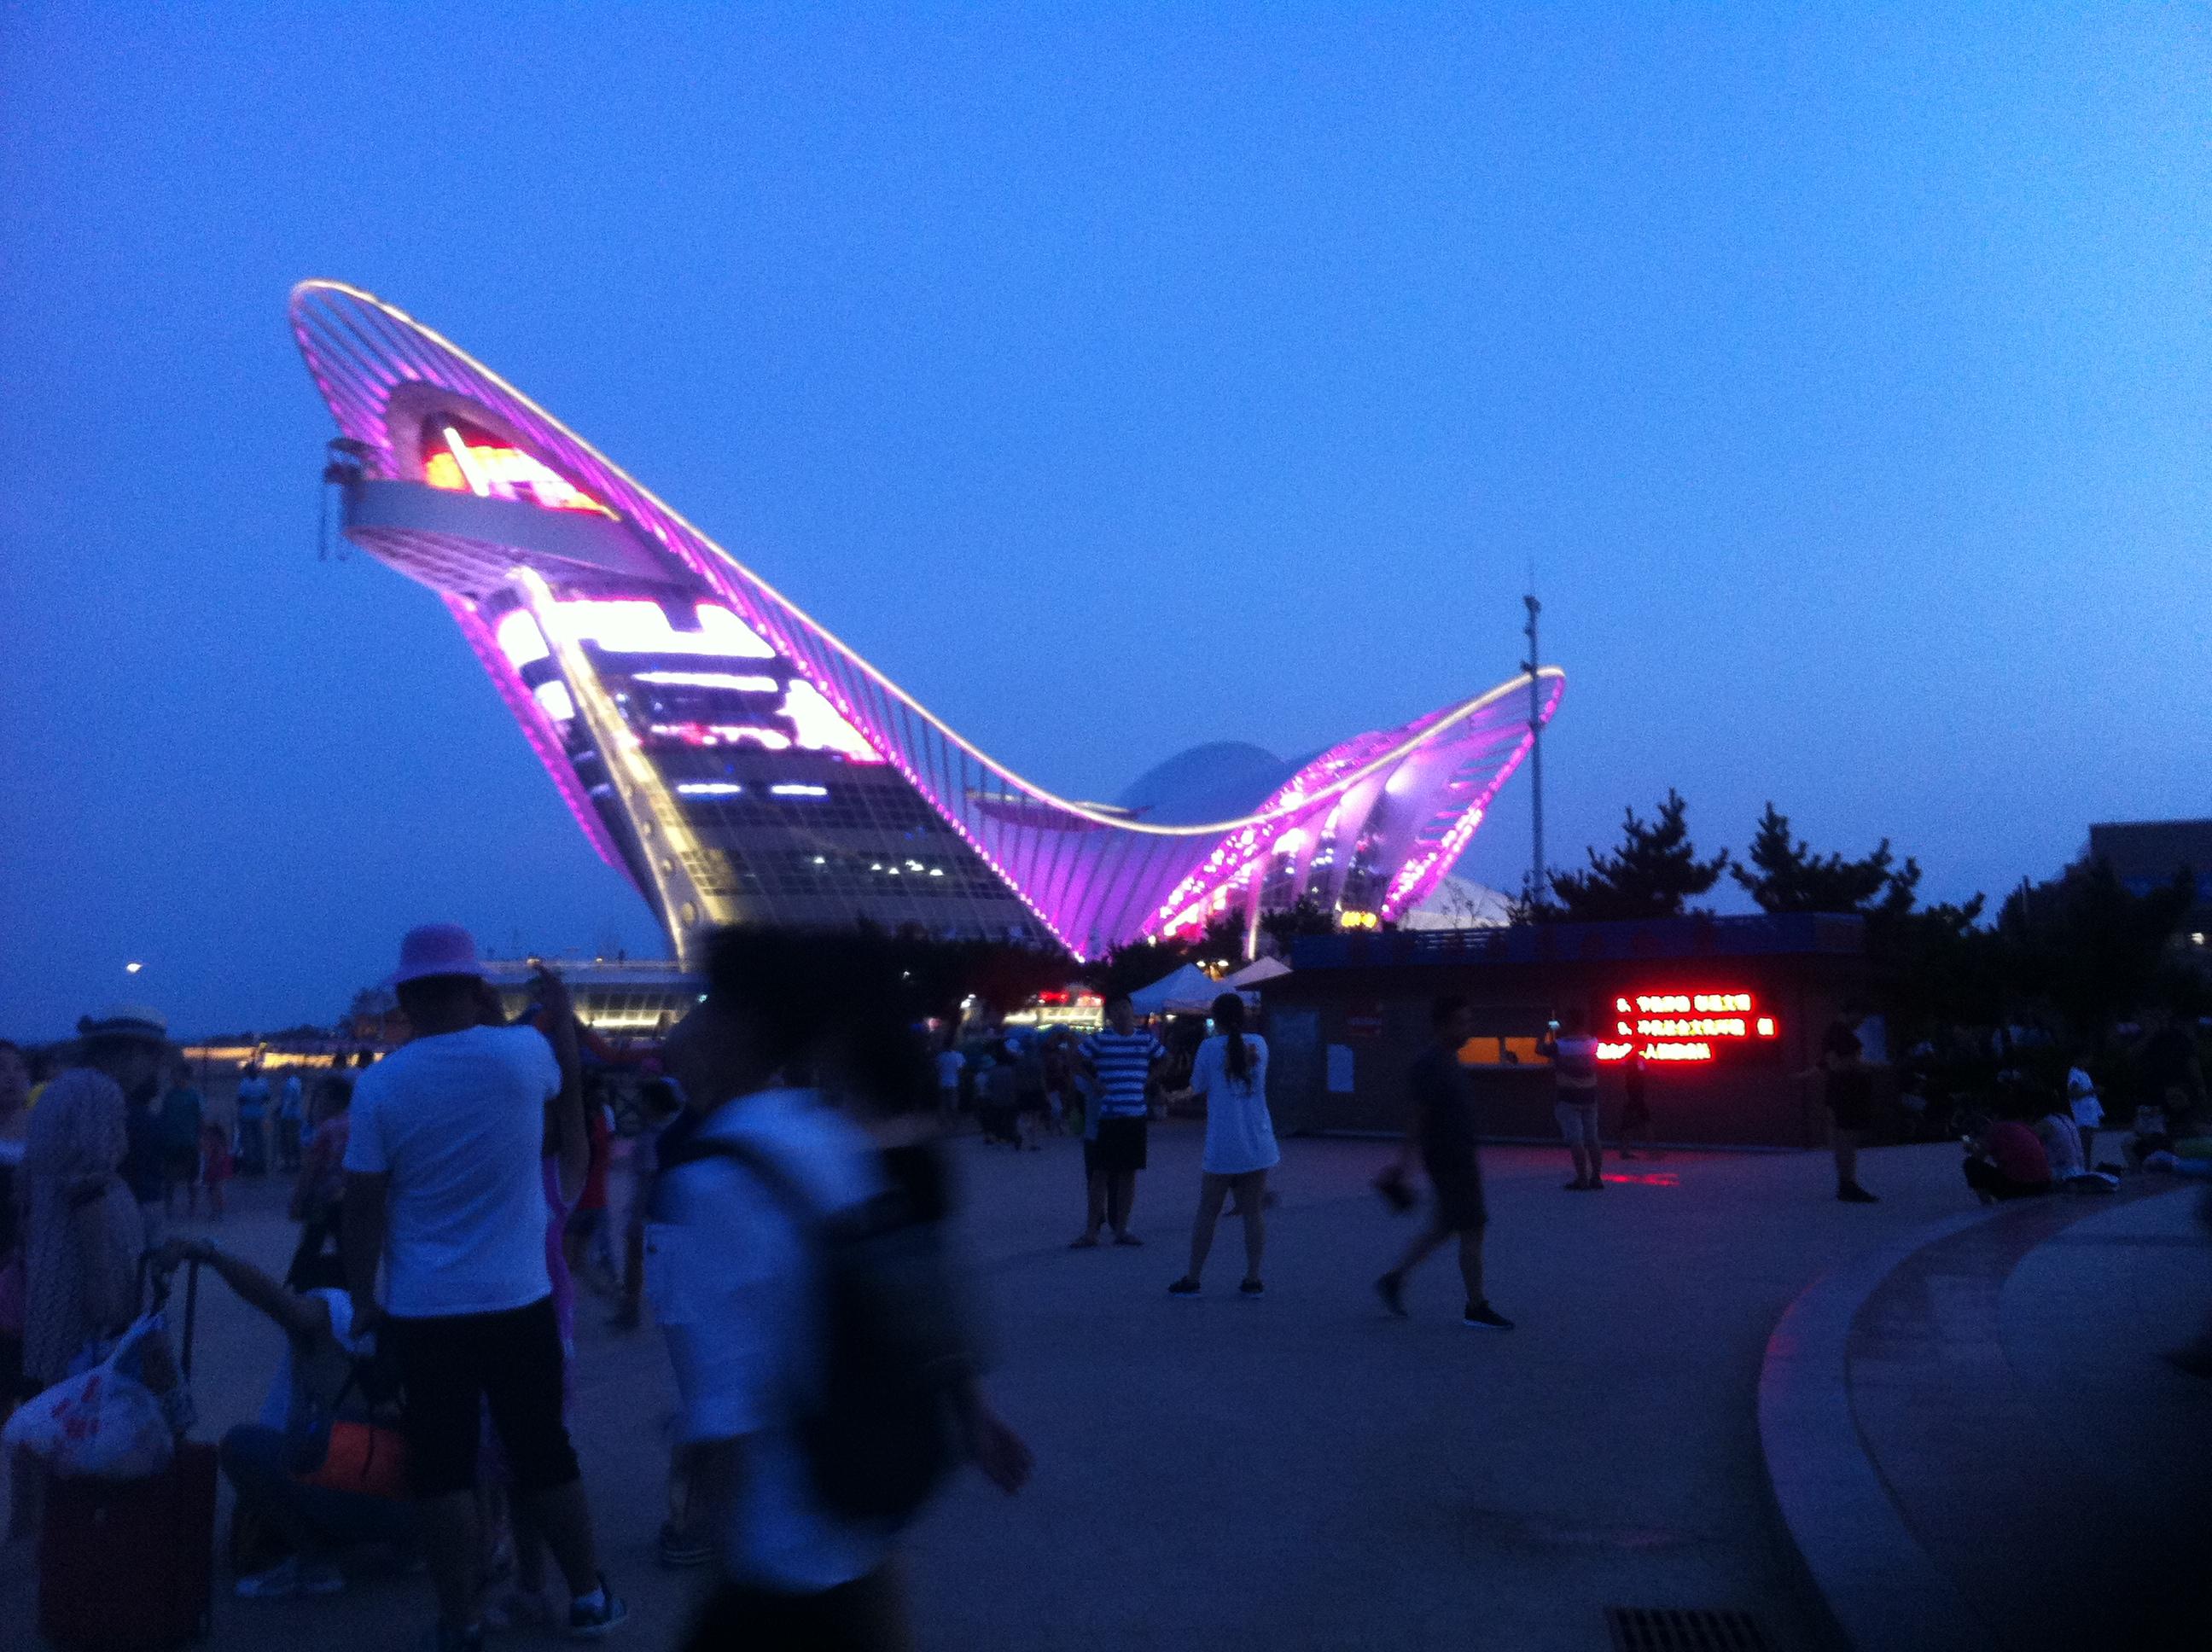 中国地方都市の生活水準がこんなに高い! 2018年青島の夏休み